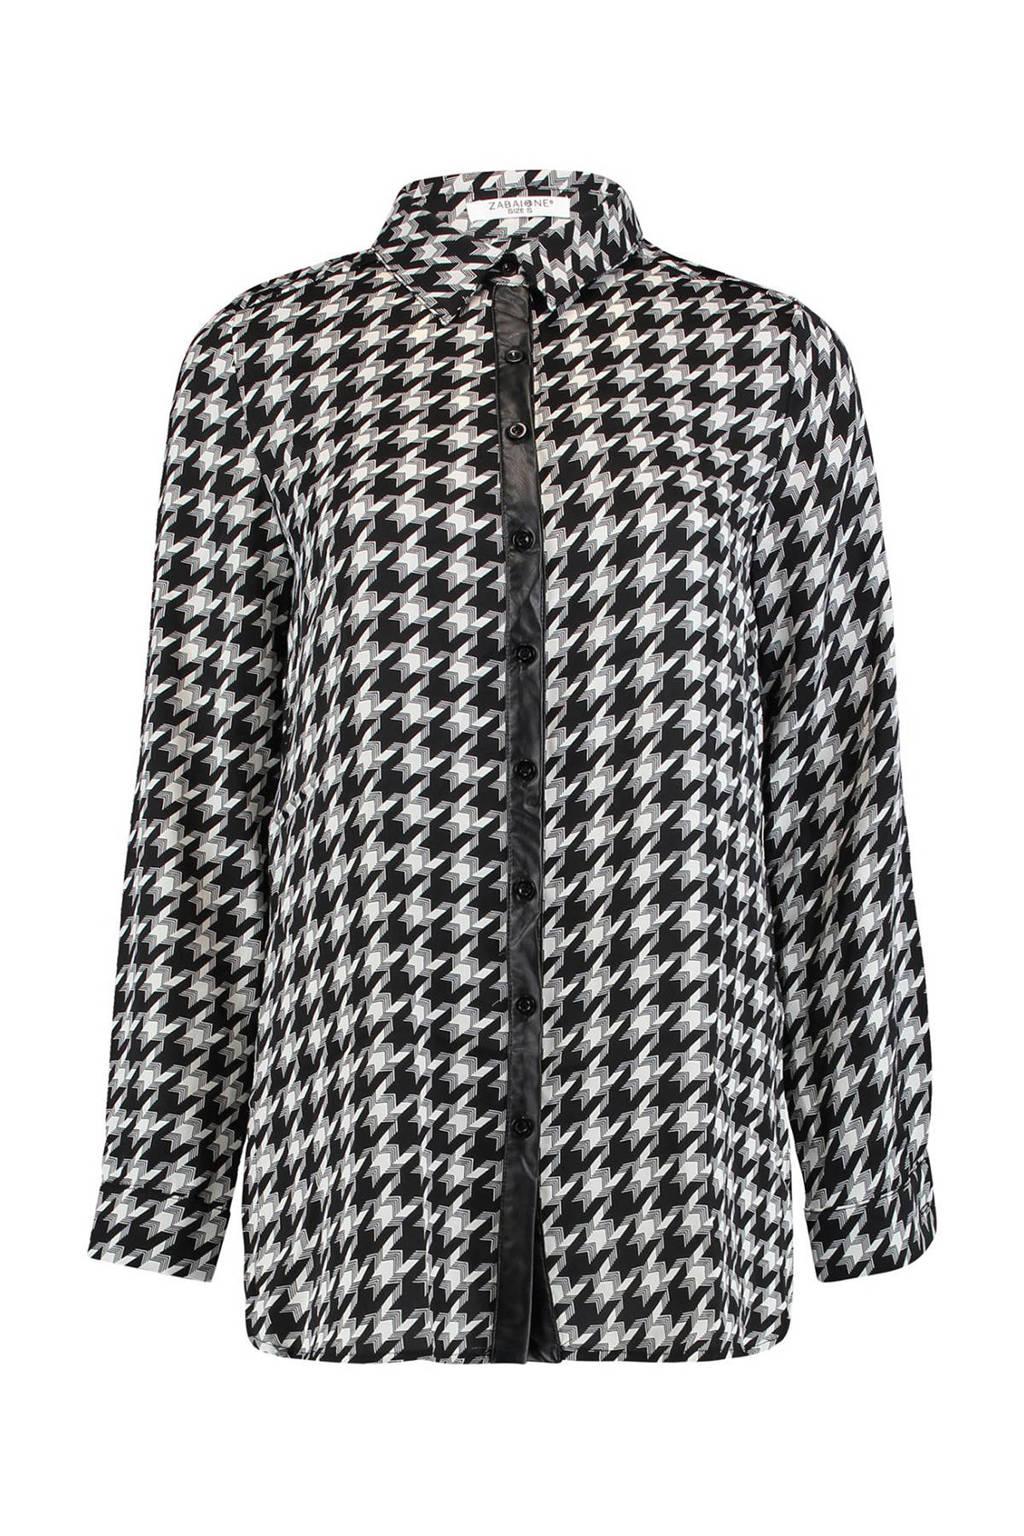 Zabaione blouse Colette met all over print zwart/wit, Zwart/wit